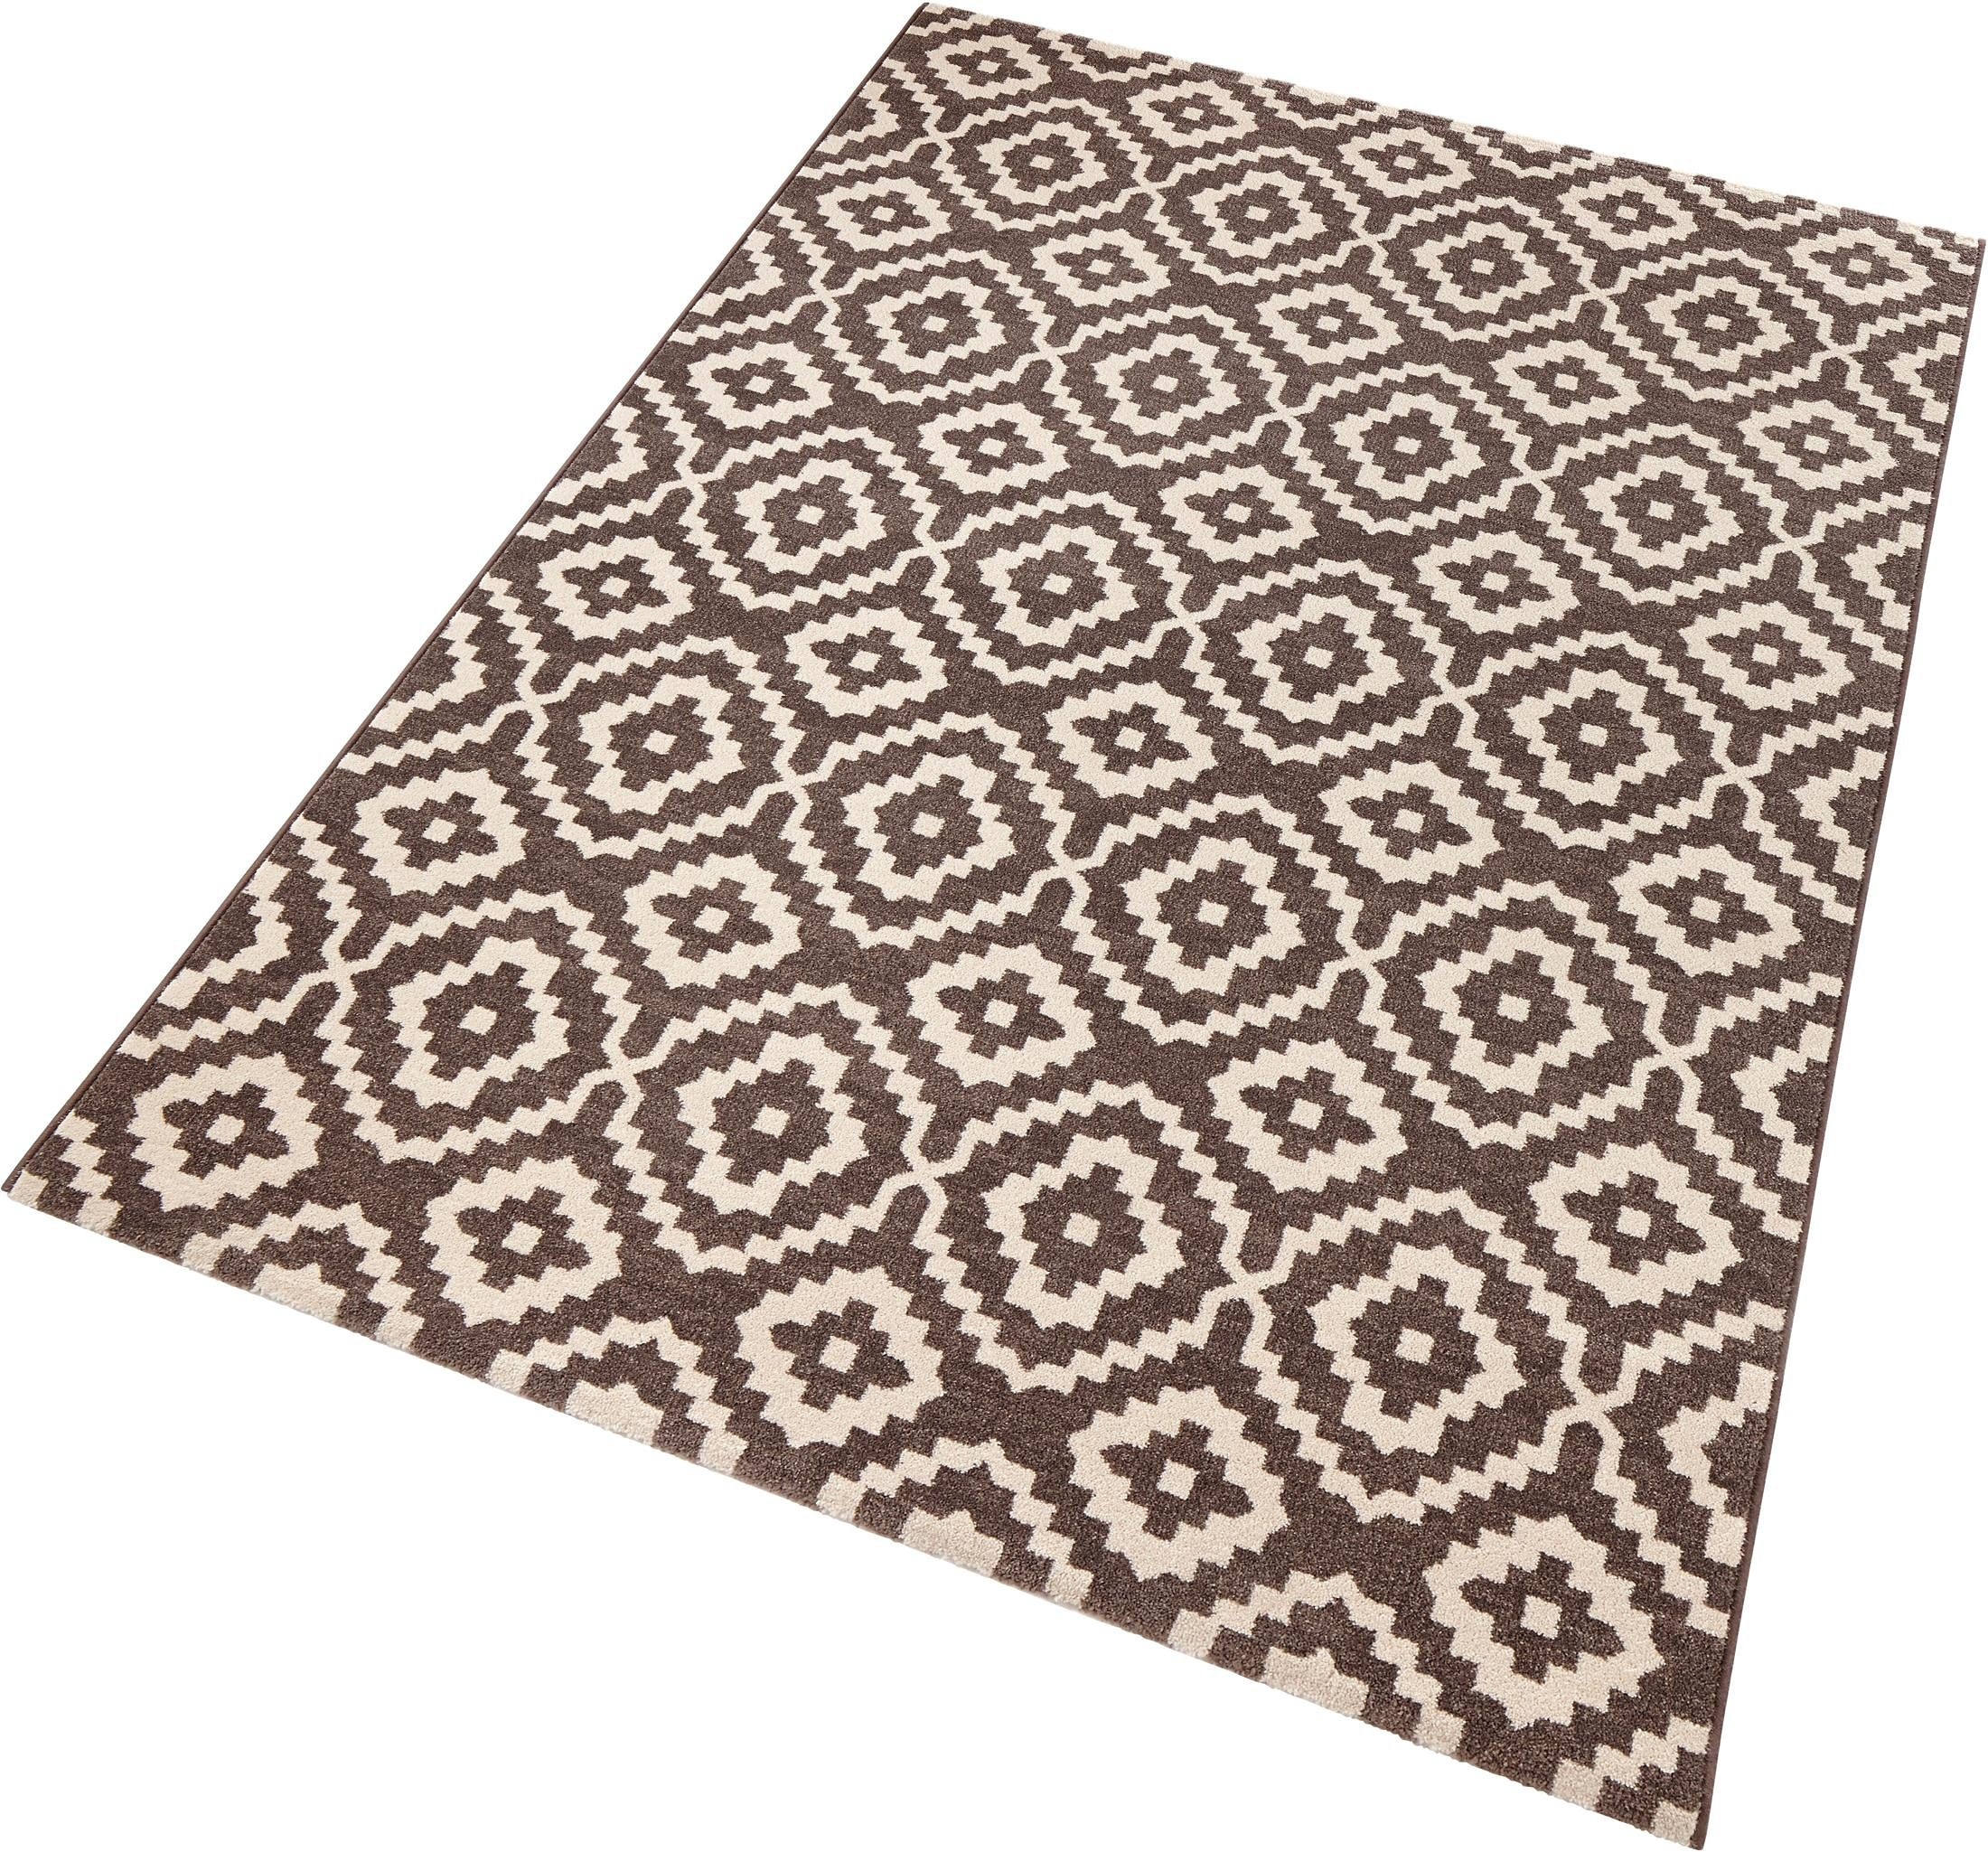 Teppich »Skandi«, SCHÖNGEIST & PETERSEN, rechteckig, Höhe 9 mm